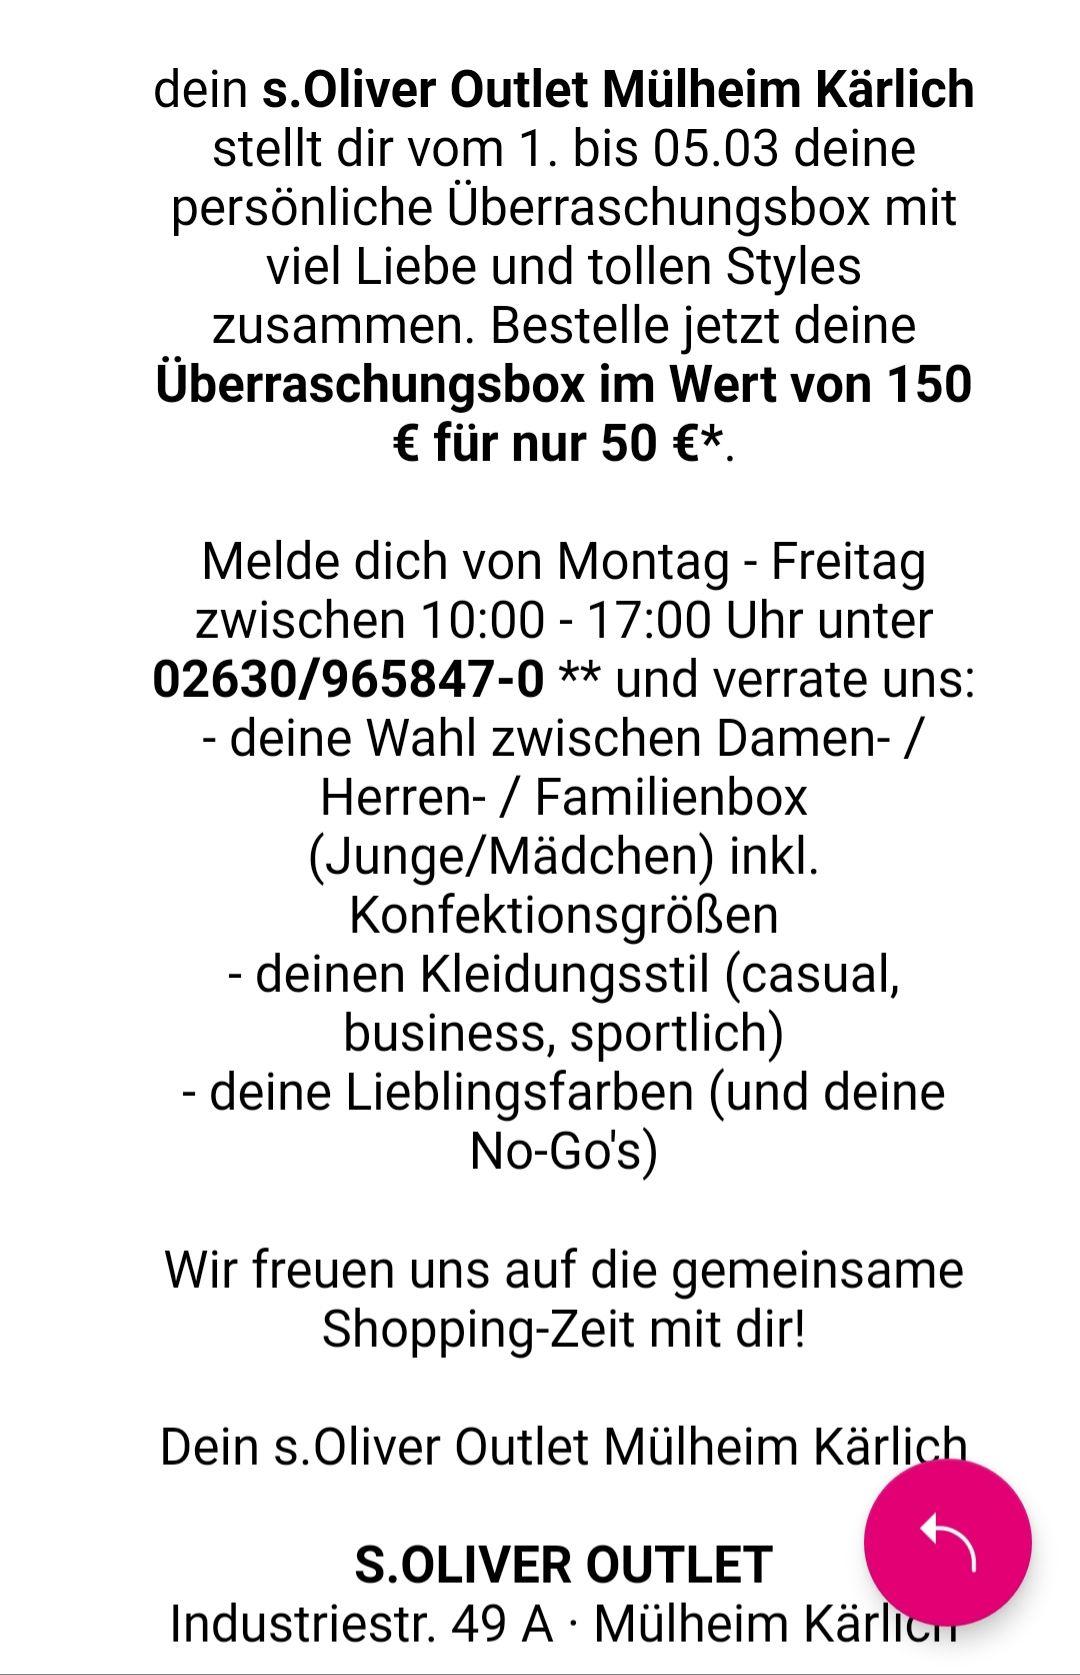 S.oliver Store in Mülheim-Kärlich Überraschungsbox (lokal?)